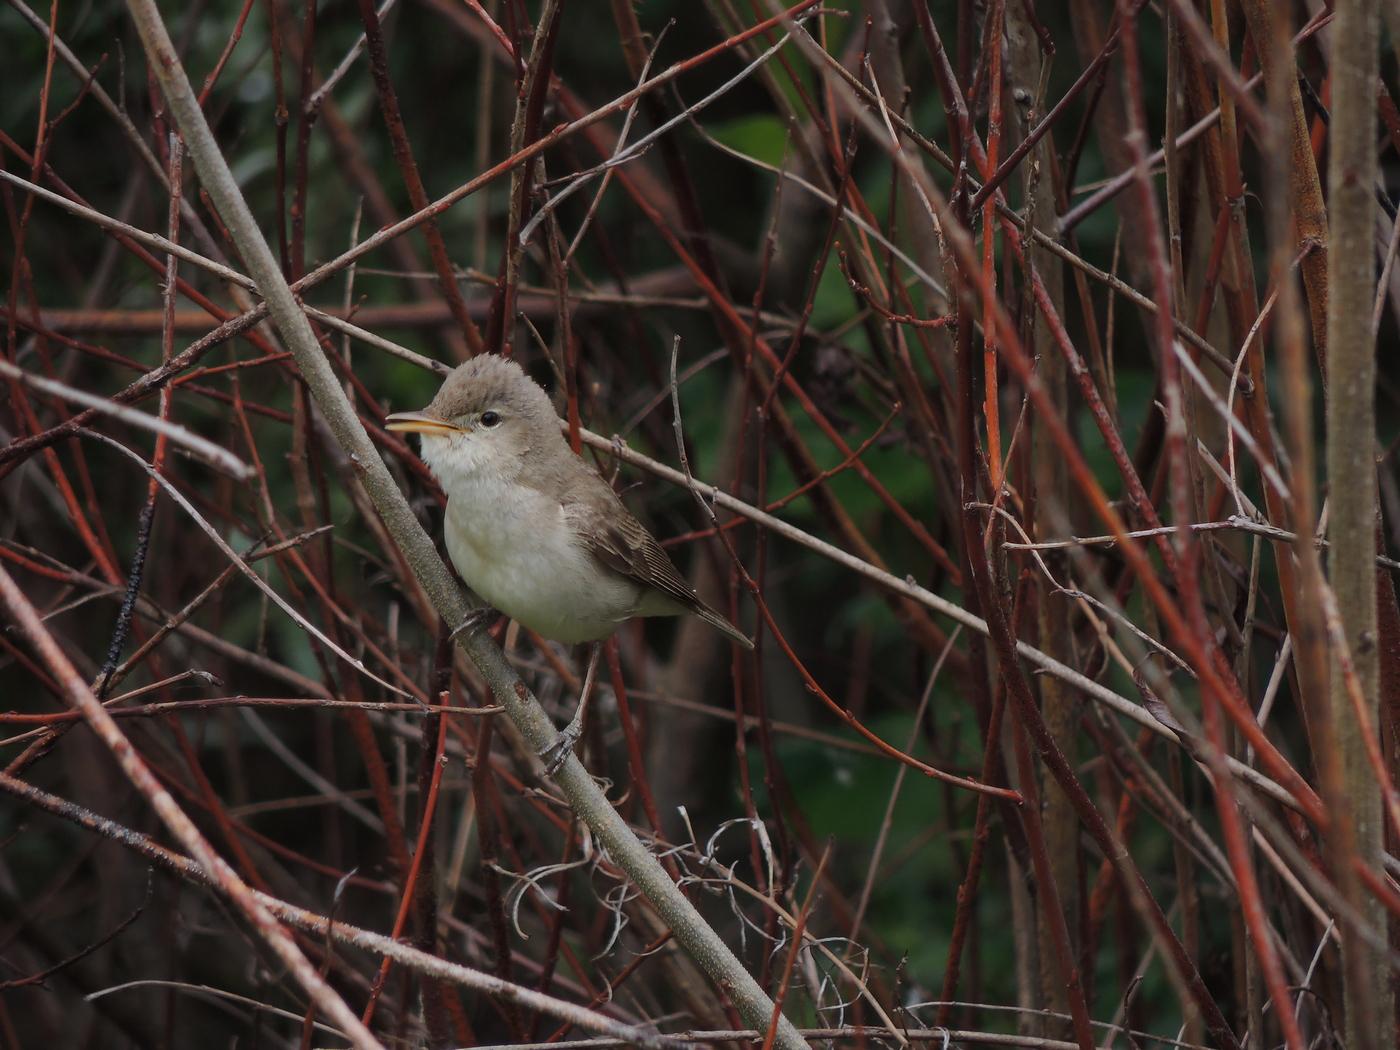 Iduna pallida, Olivaceous Warbler, Eastern Olivaceous Warbler